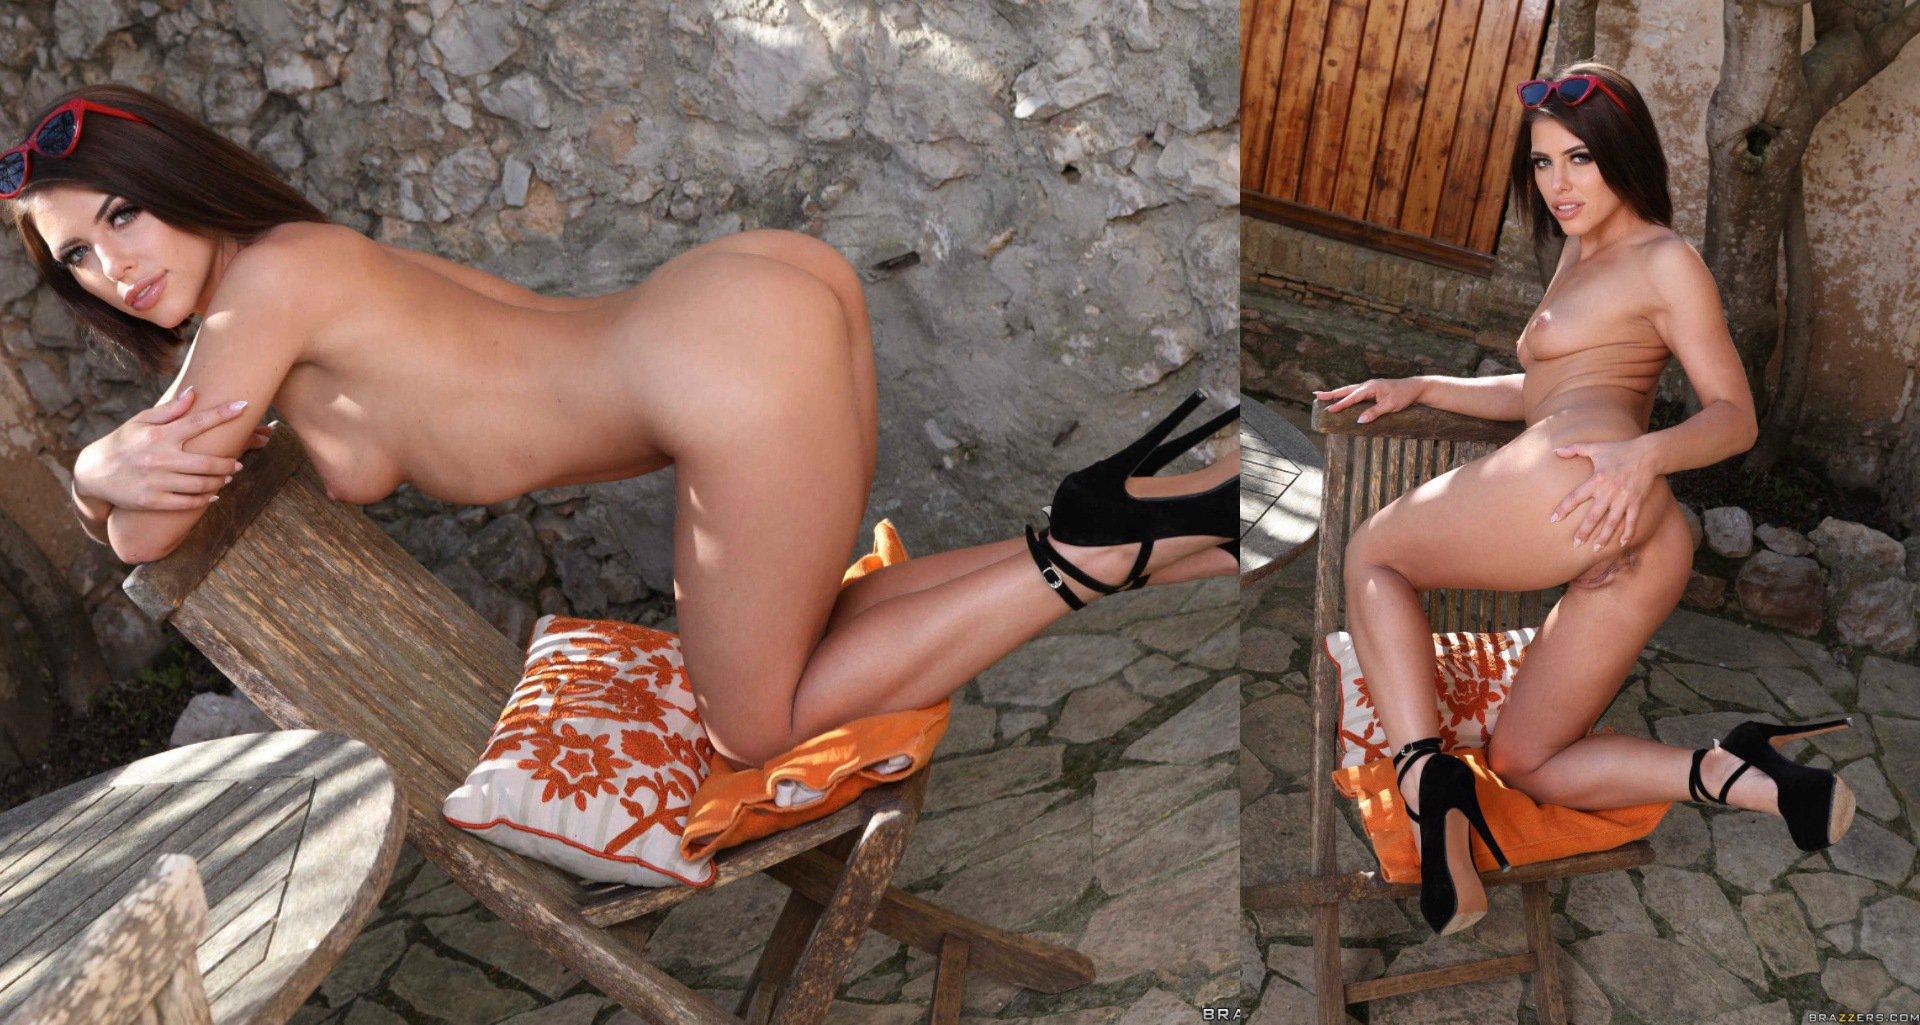 修长美腿性感勾魂 - 第1张  | 性趣套图